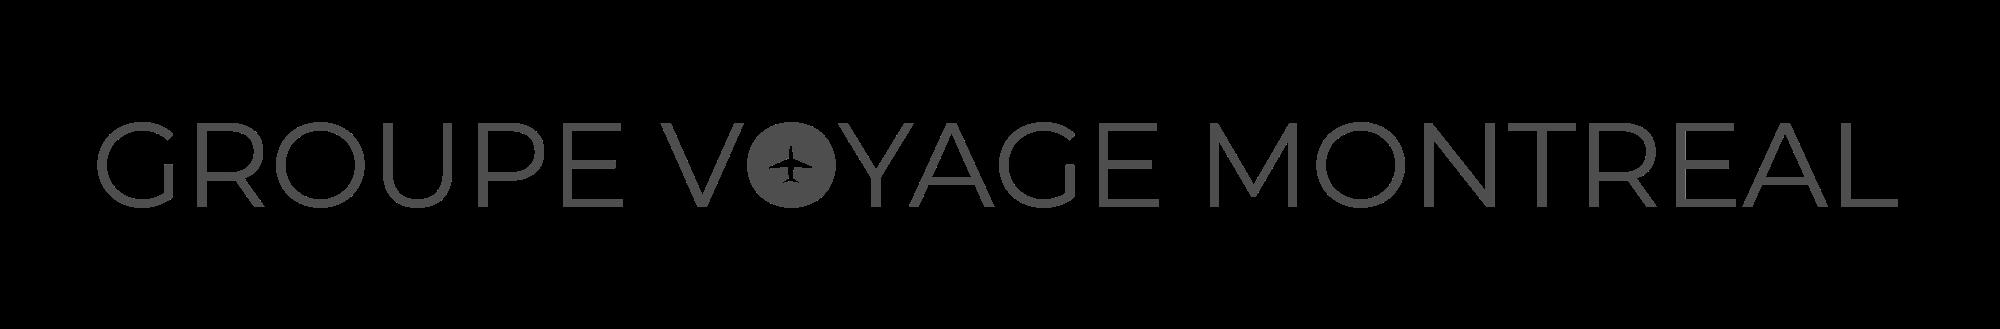 Par Groupe Voyage Montreal